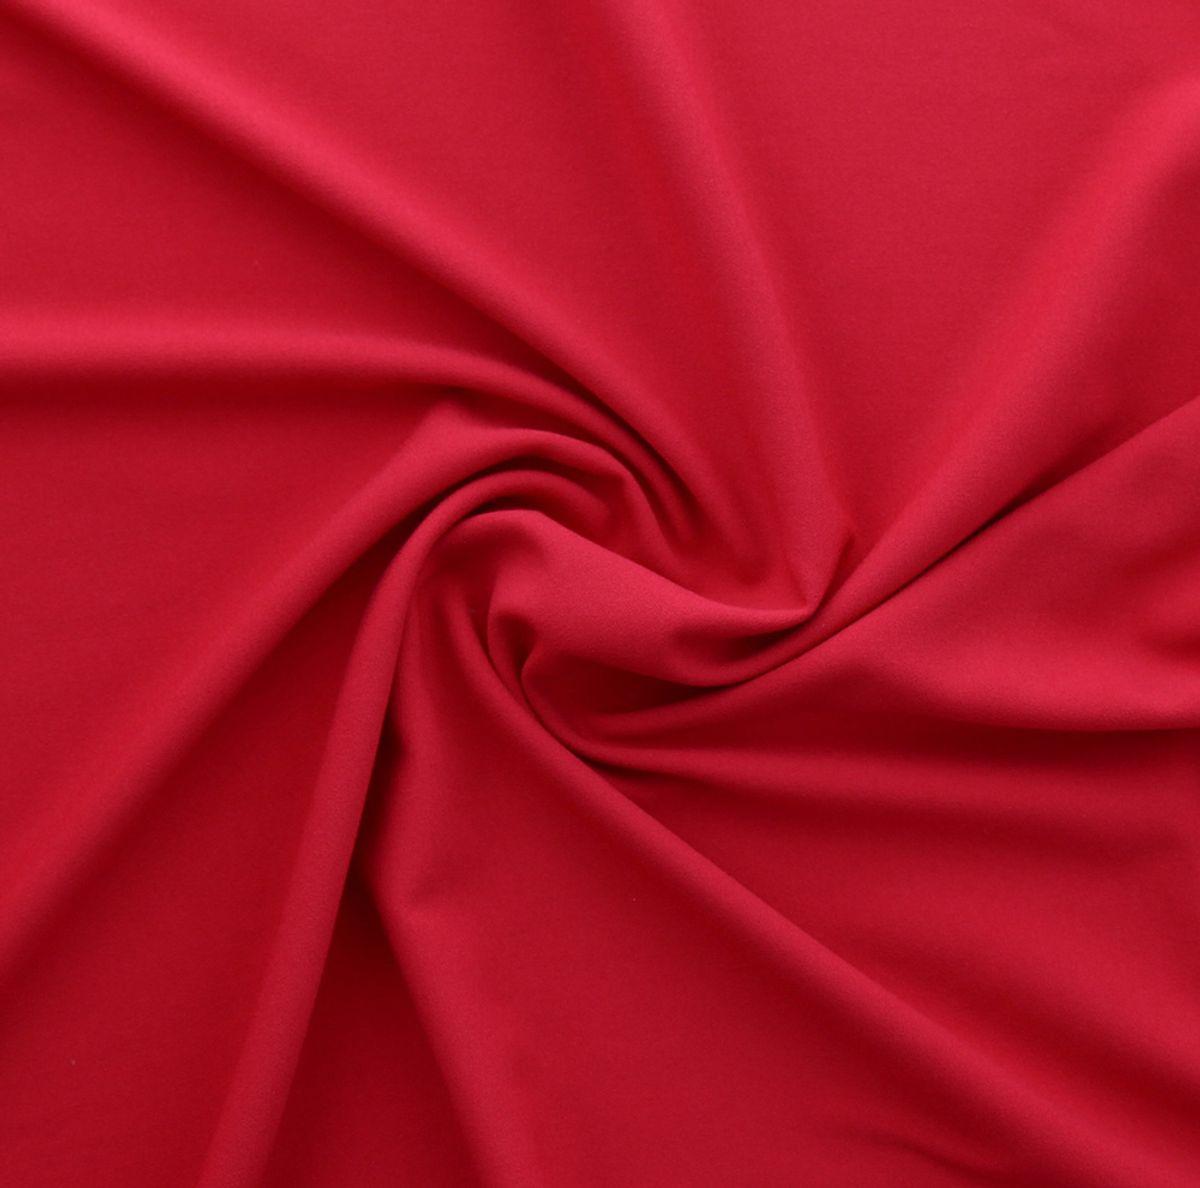 Tissu crêpe viscose - Rouge